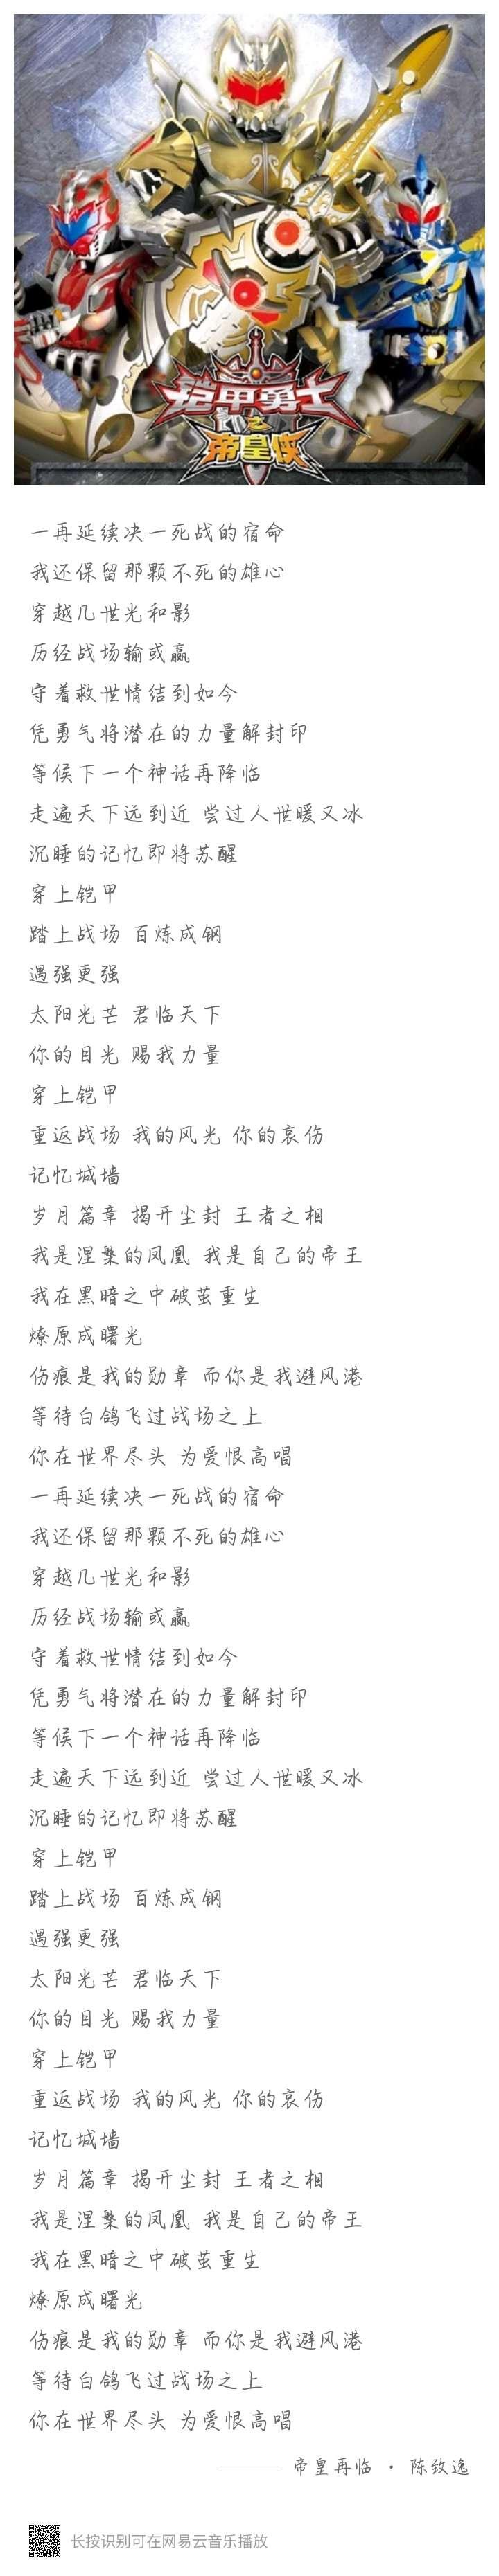 【音乐】帝皇再临,大叔游泳bl漫画h